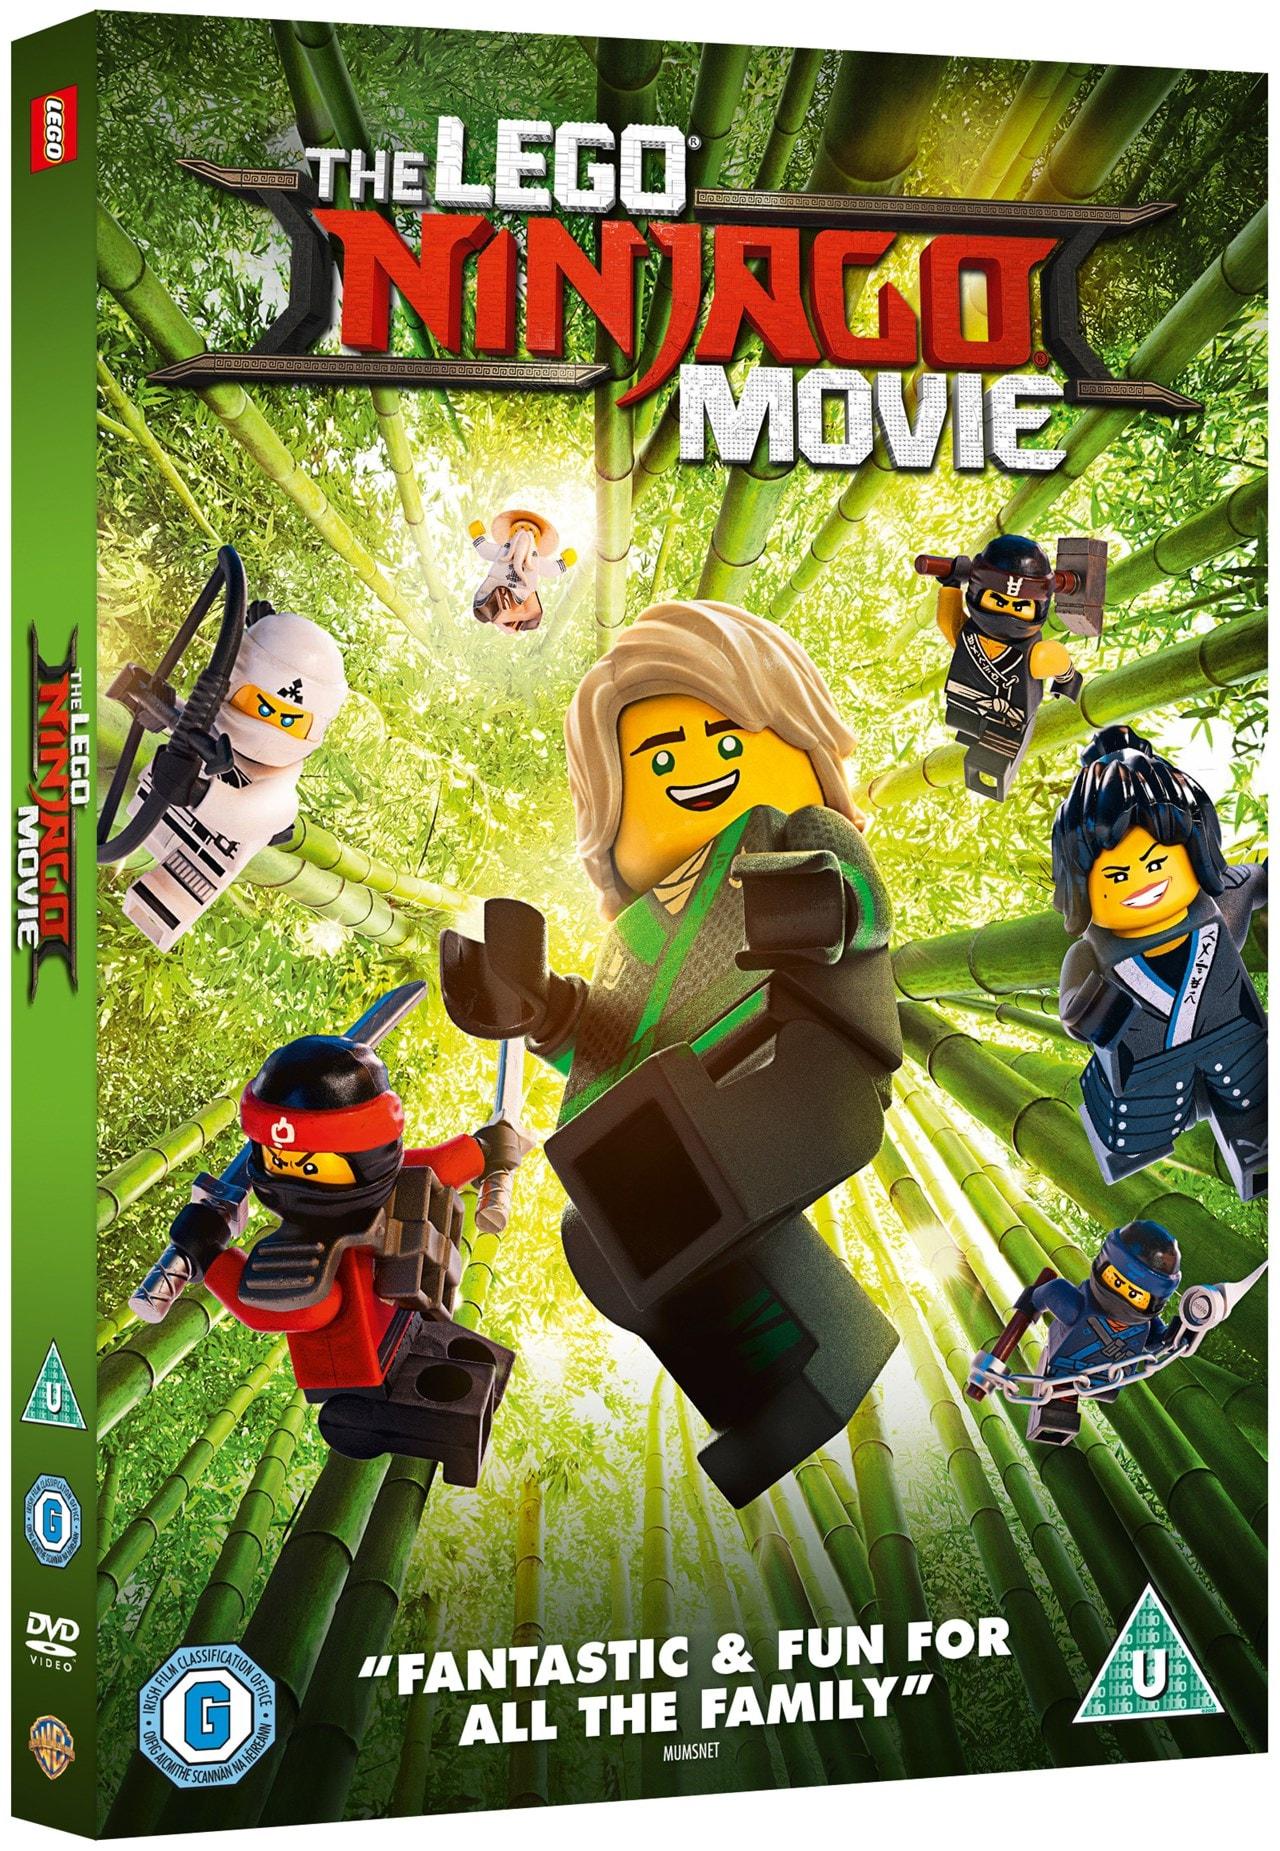 The LEGO Ninjago Movie - 2